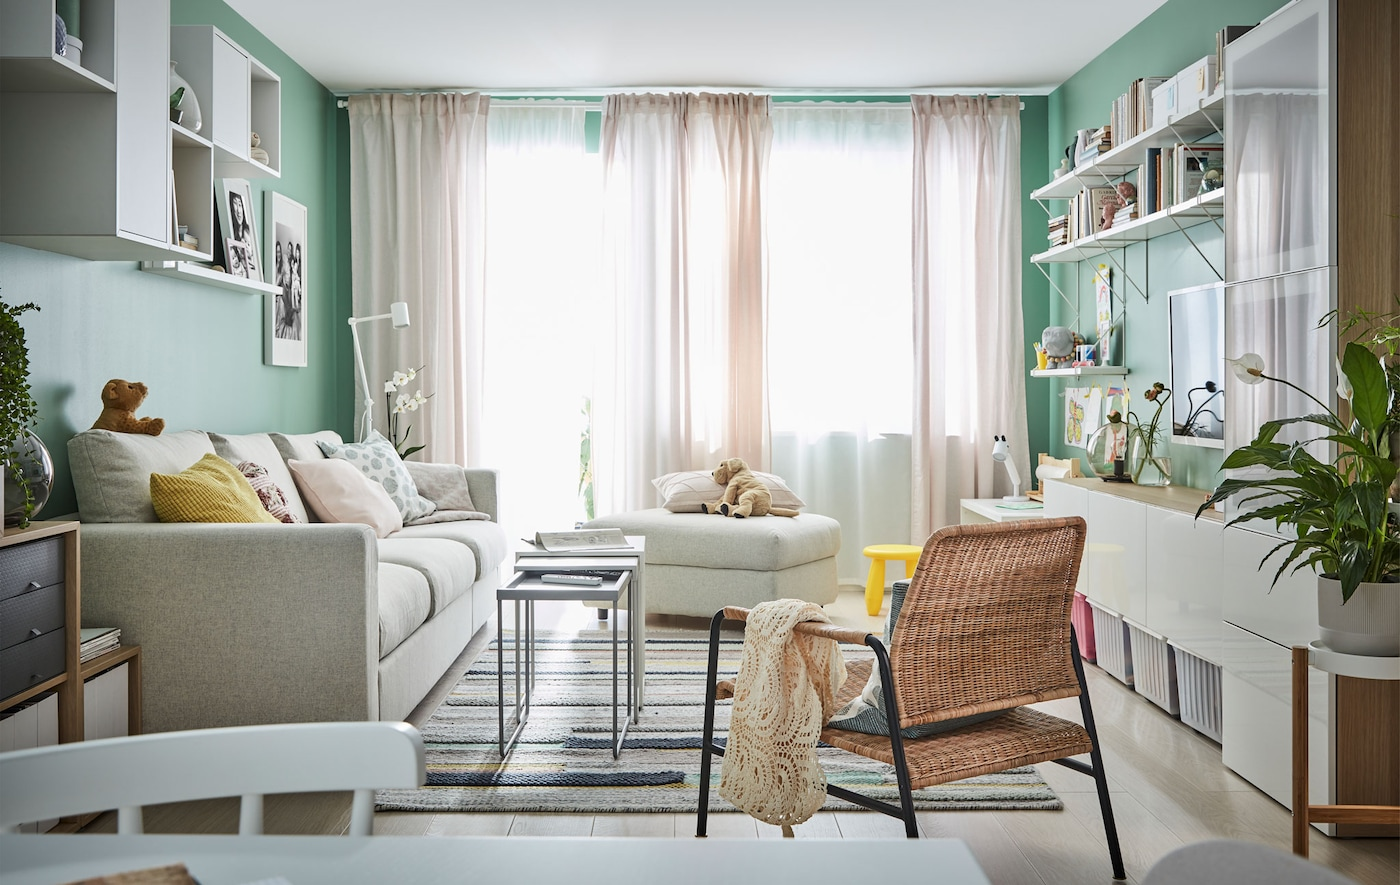 خمسة مصمين يتولون تصميم بيت لخمسة أشخاص - IKEA